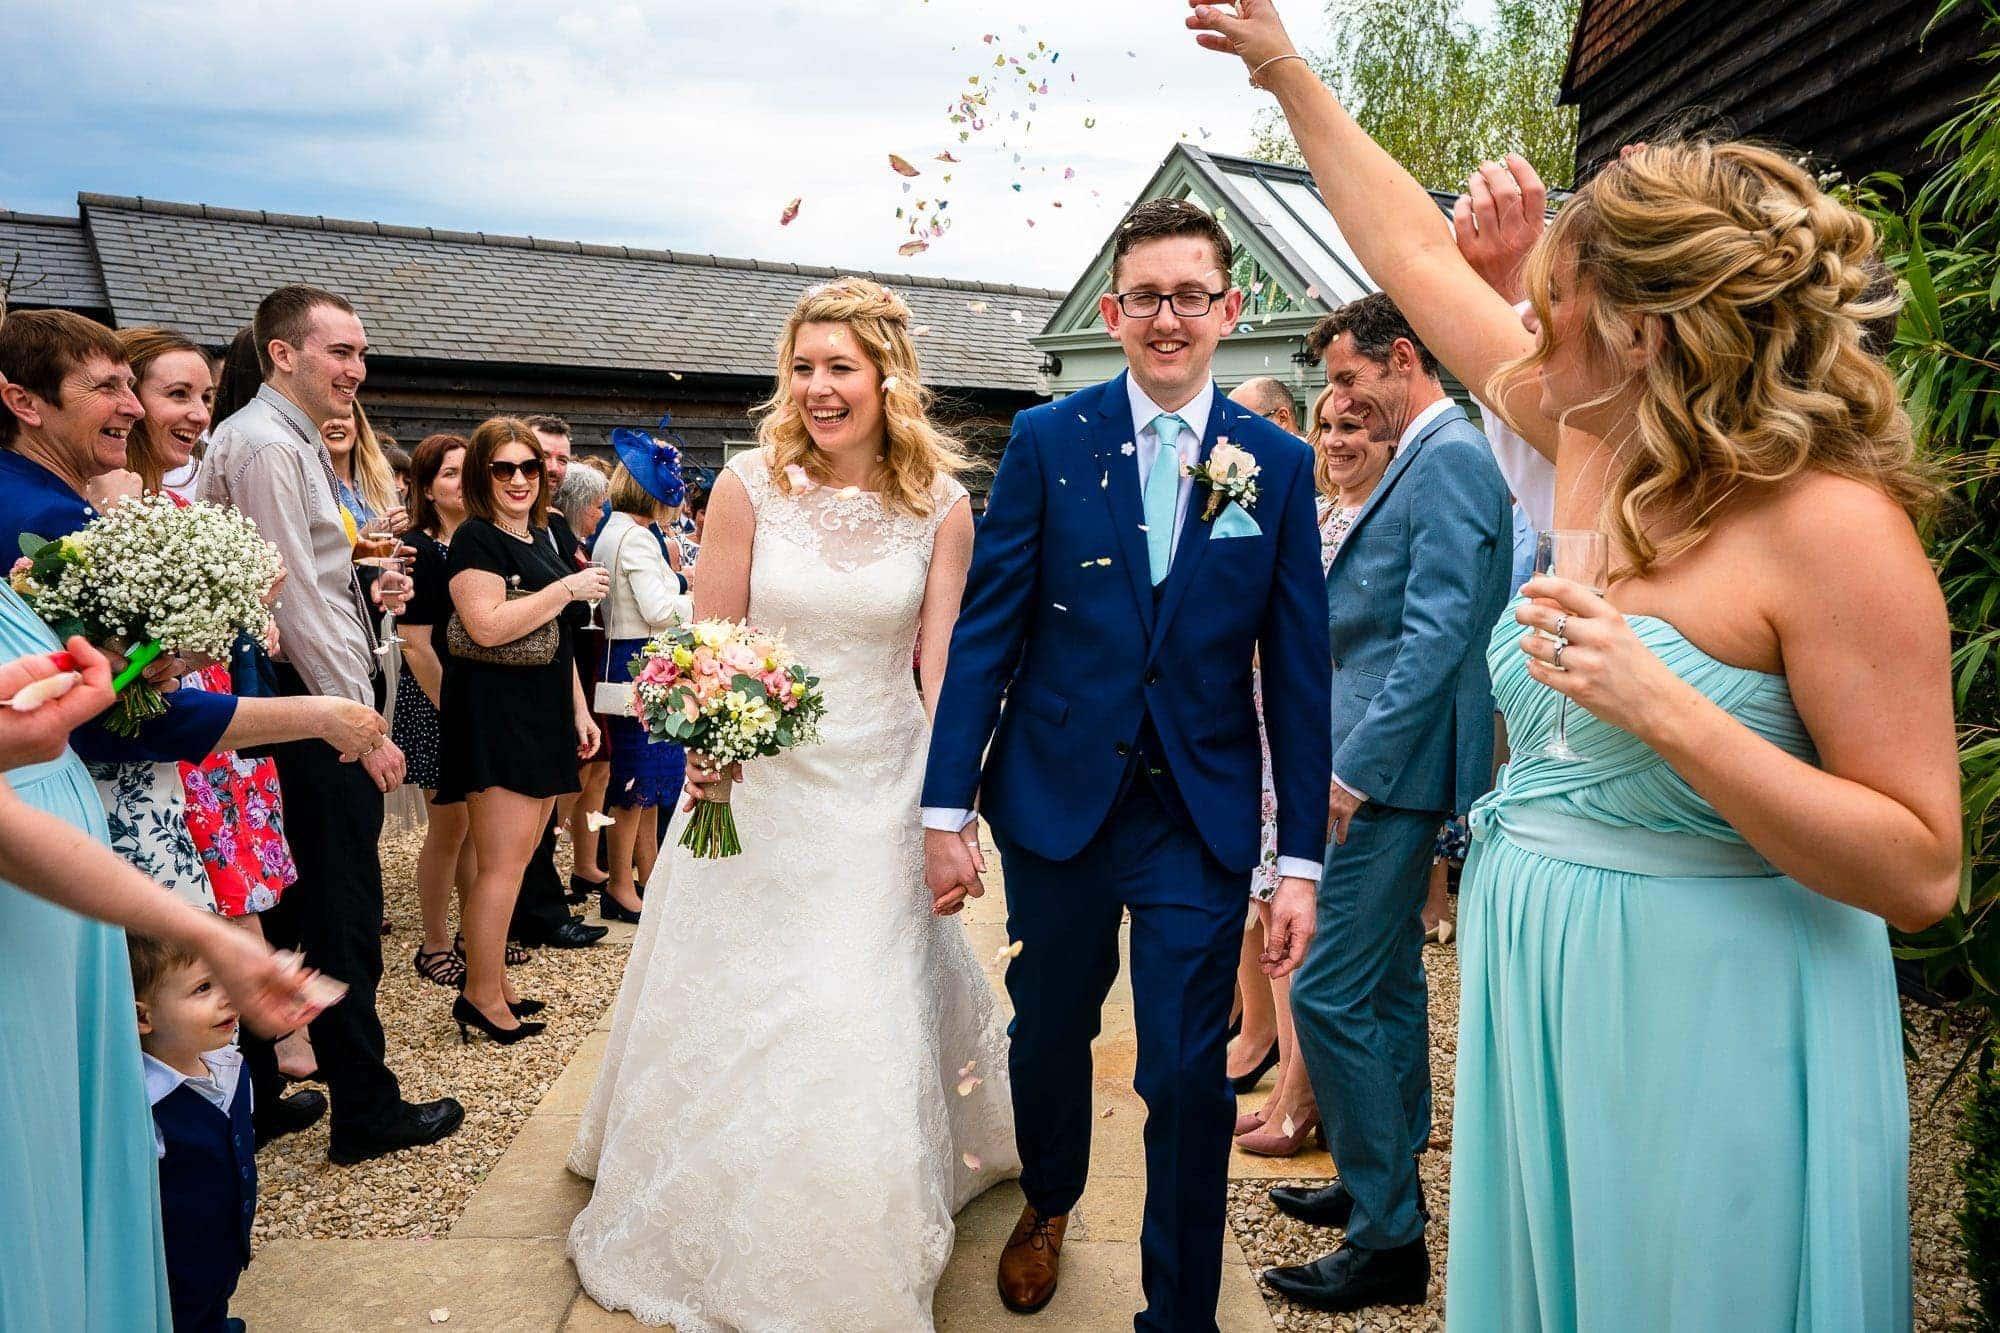 Gate Street Barn Wedding Photography - Confetti Throw